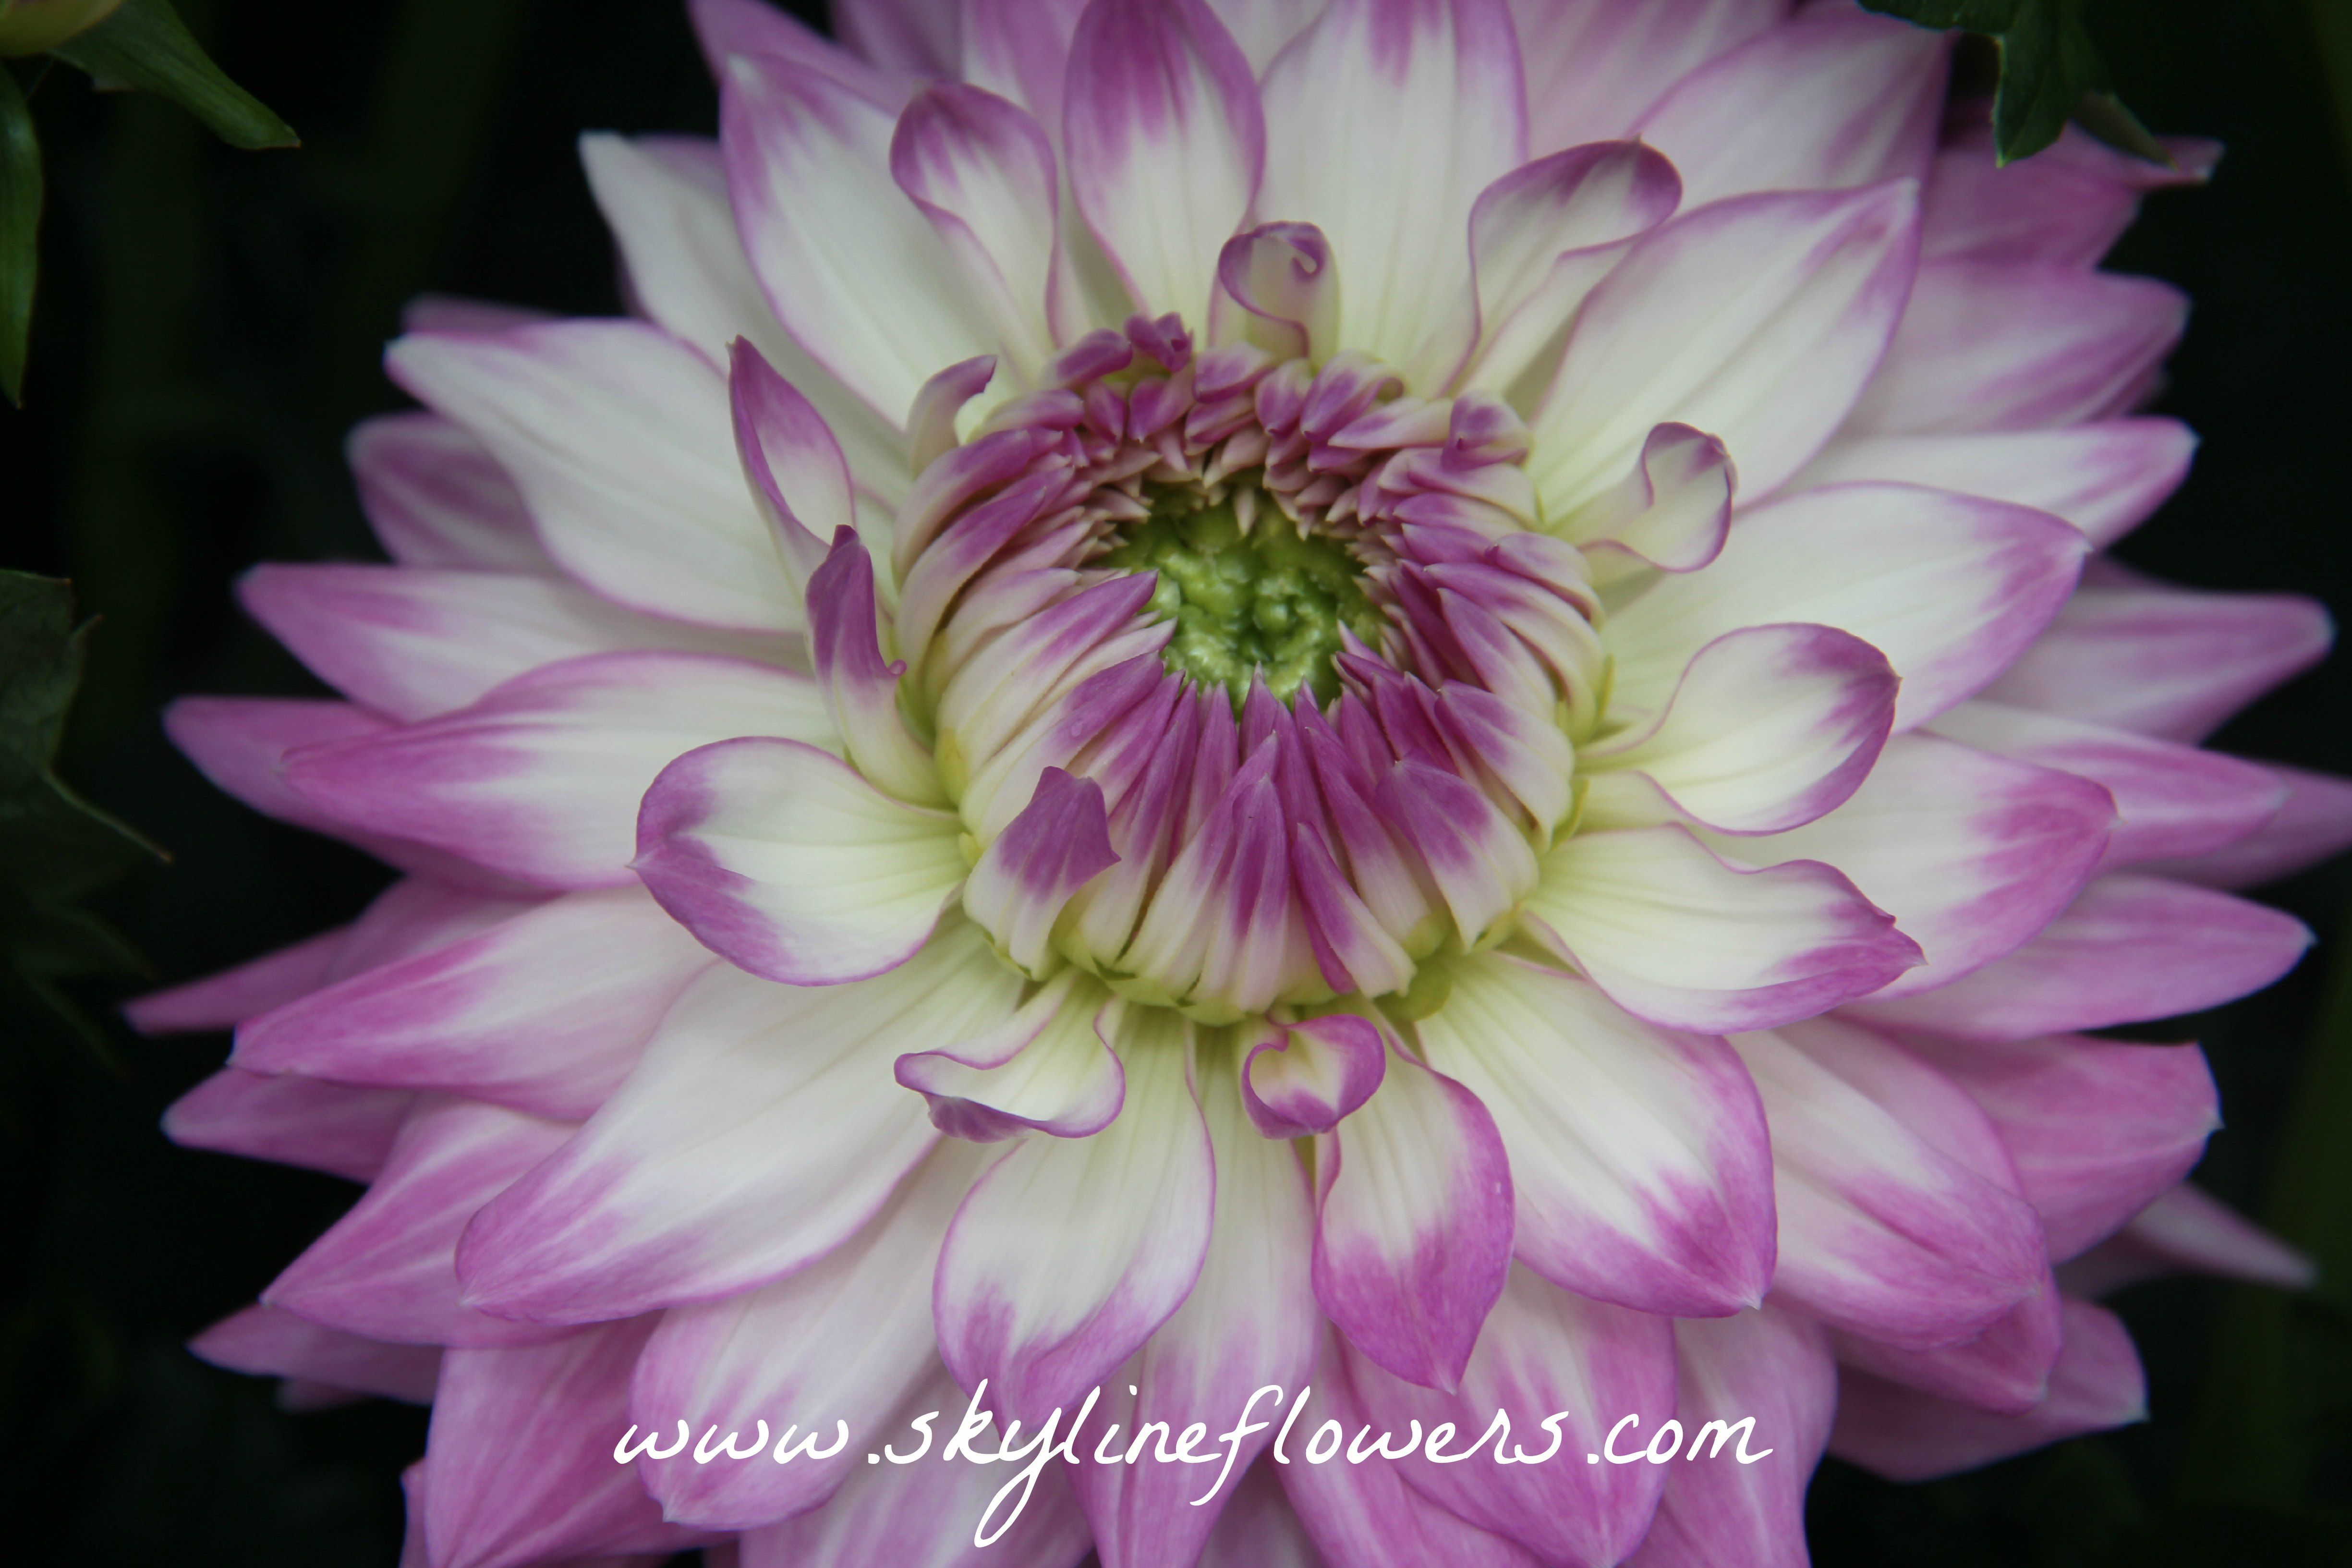 #dahlias #flowers #fun #happy #beautiful #gorgeous #pretty